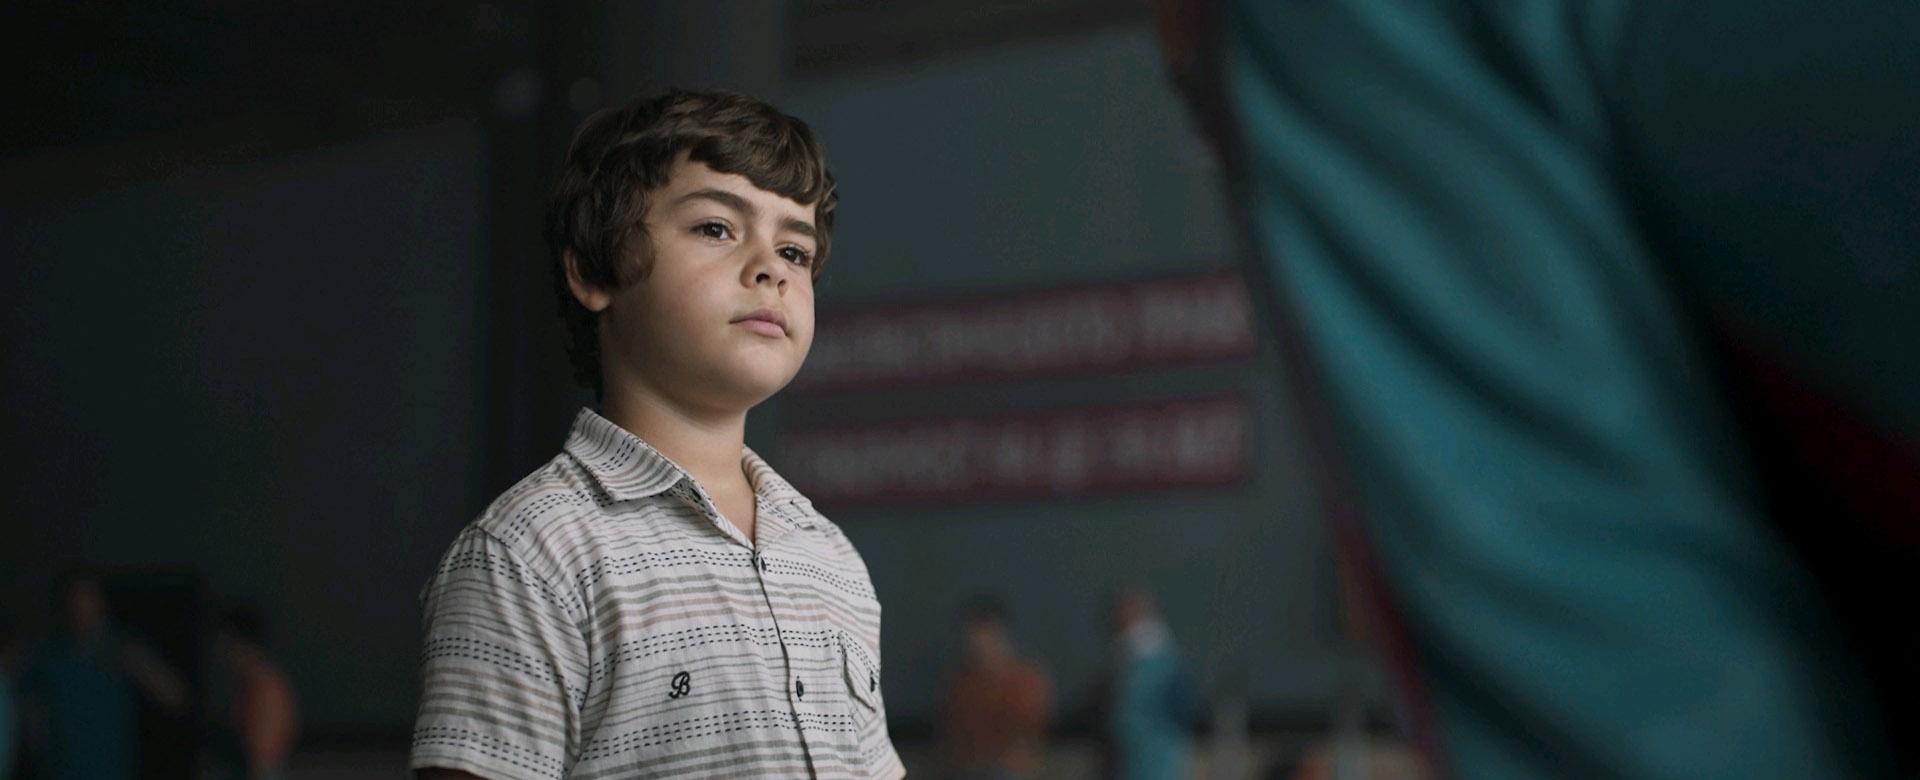 Cep Herkülü: Naim Süleymanoğlu | 2020 | Yerli Film | NF | WEB-DL | XviD | Sansürsüz | 720p - 1080p - m720p - m1080p | WEB-DL | Tek Link